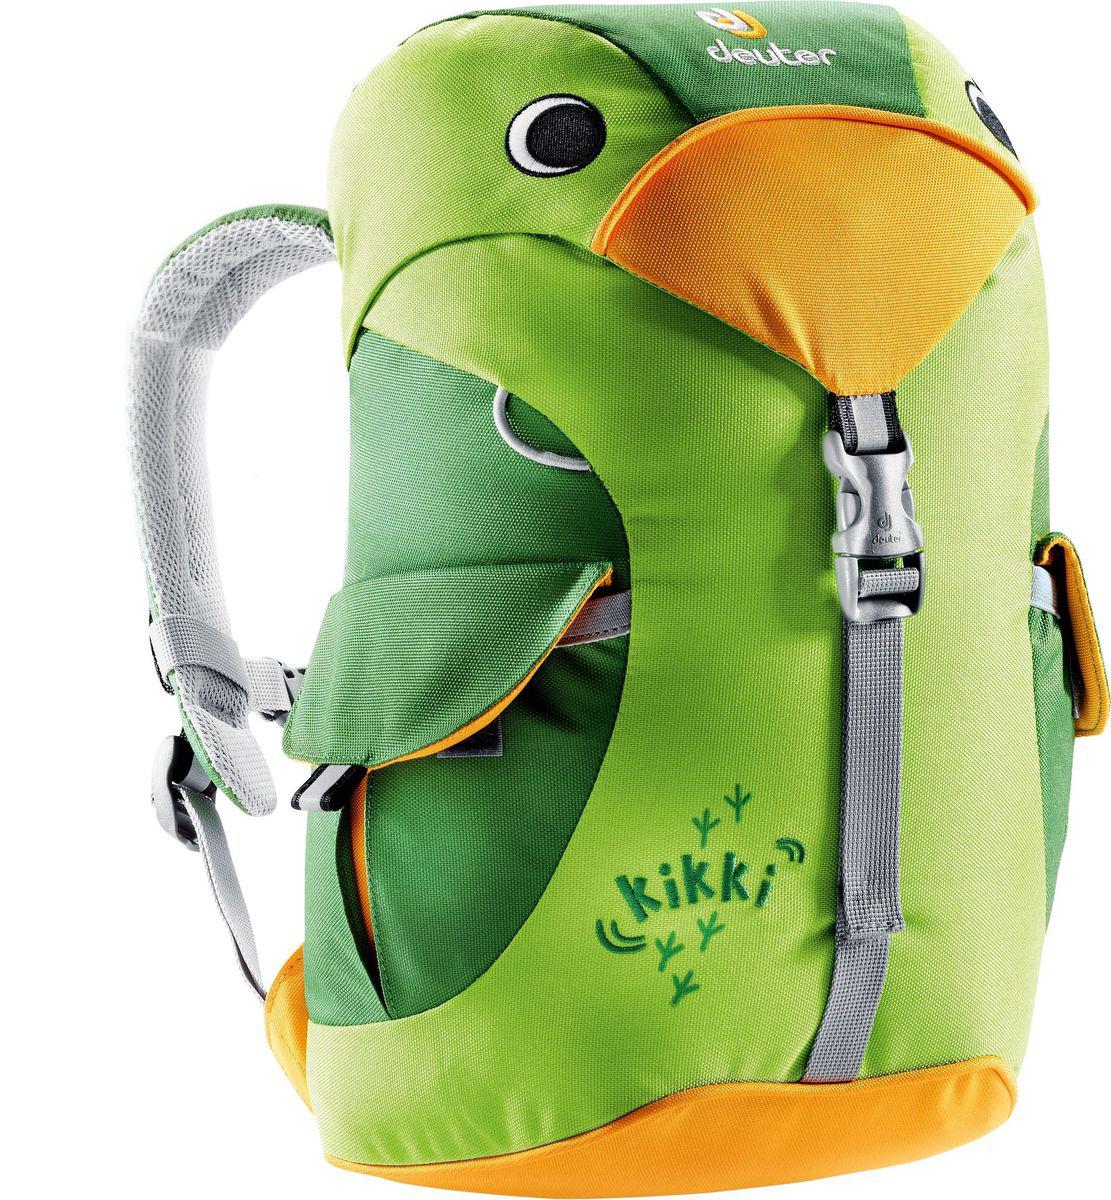 Рюкзак туристический детский Deuter Kikki, цвет: зеленый, 6 л face the north wind красный s